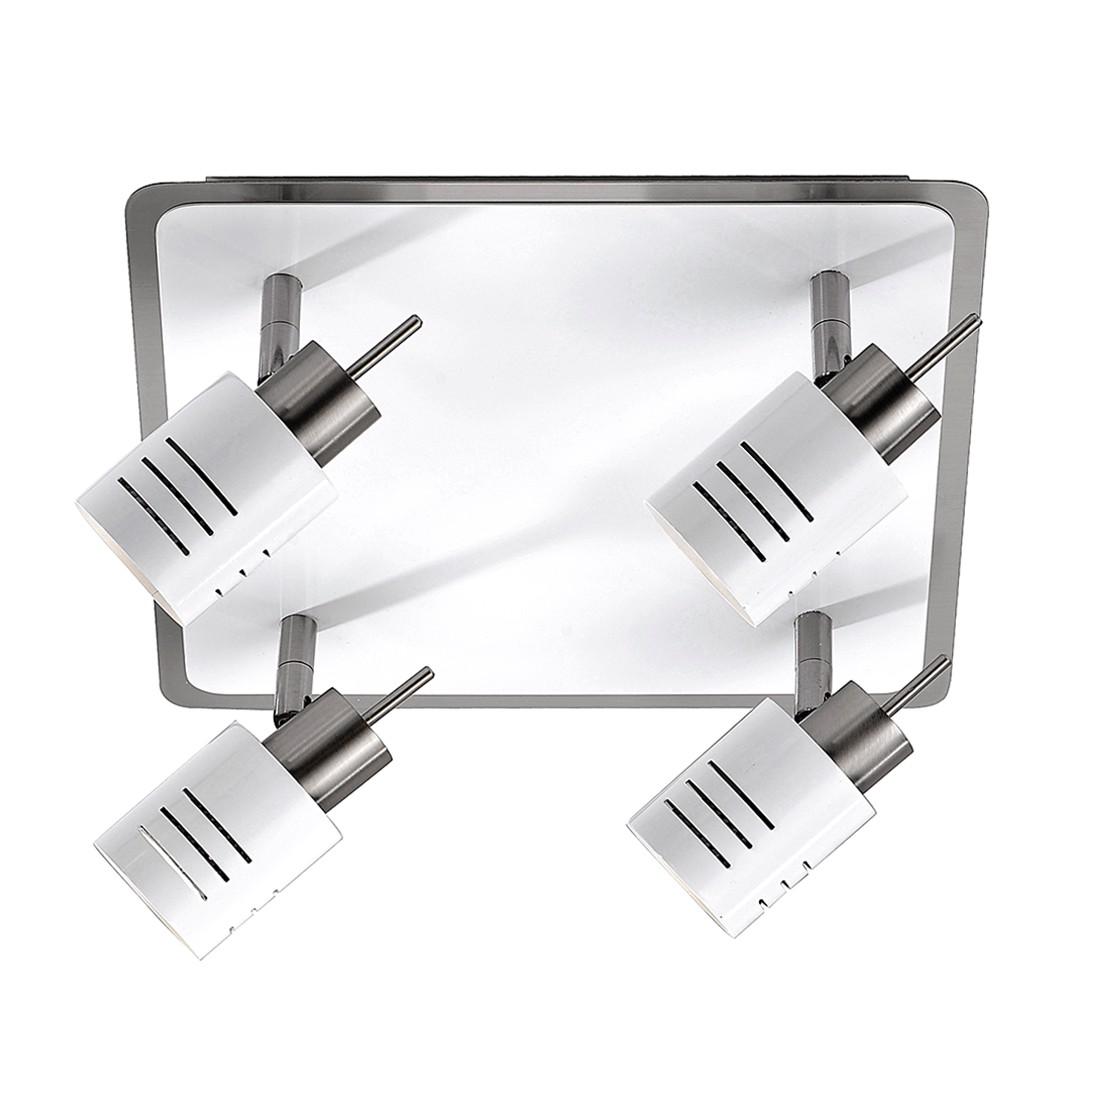 LED Deckenbogen - Nickel - 4-flammig, FLI Leuchten